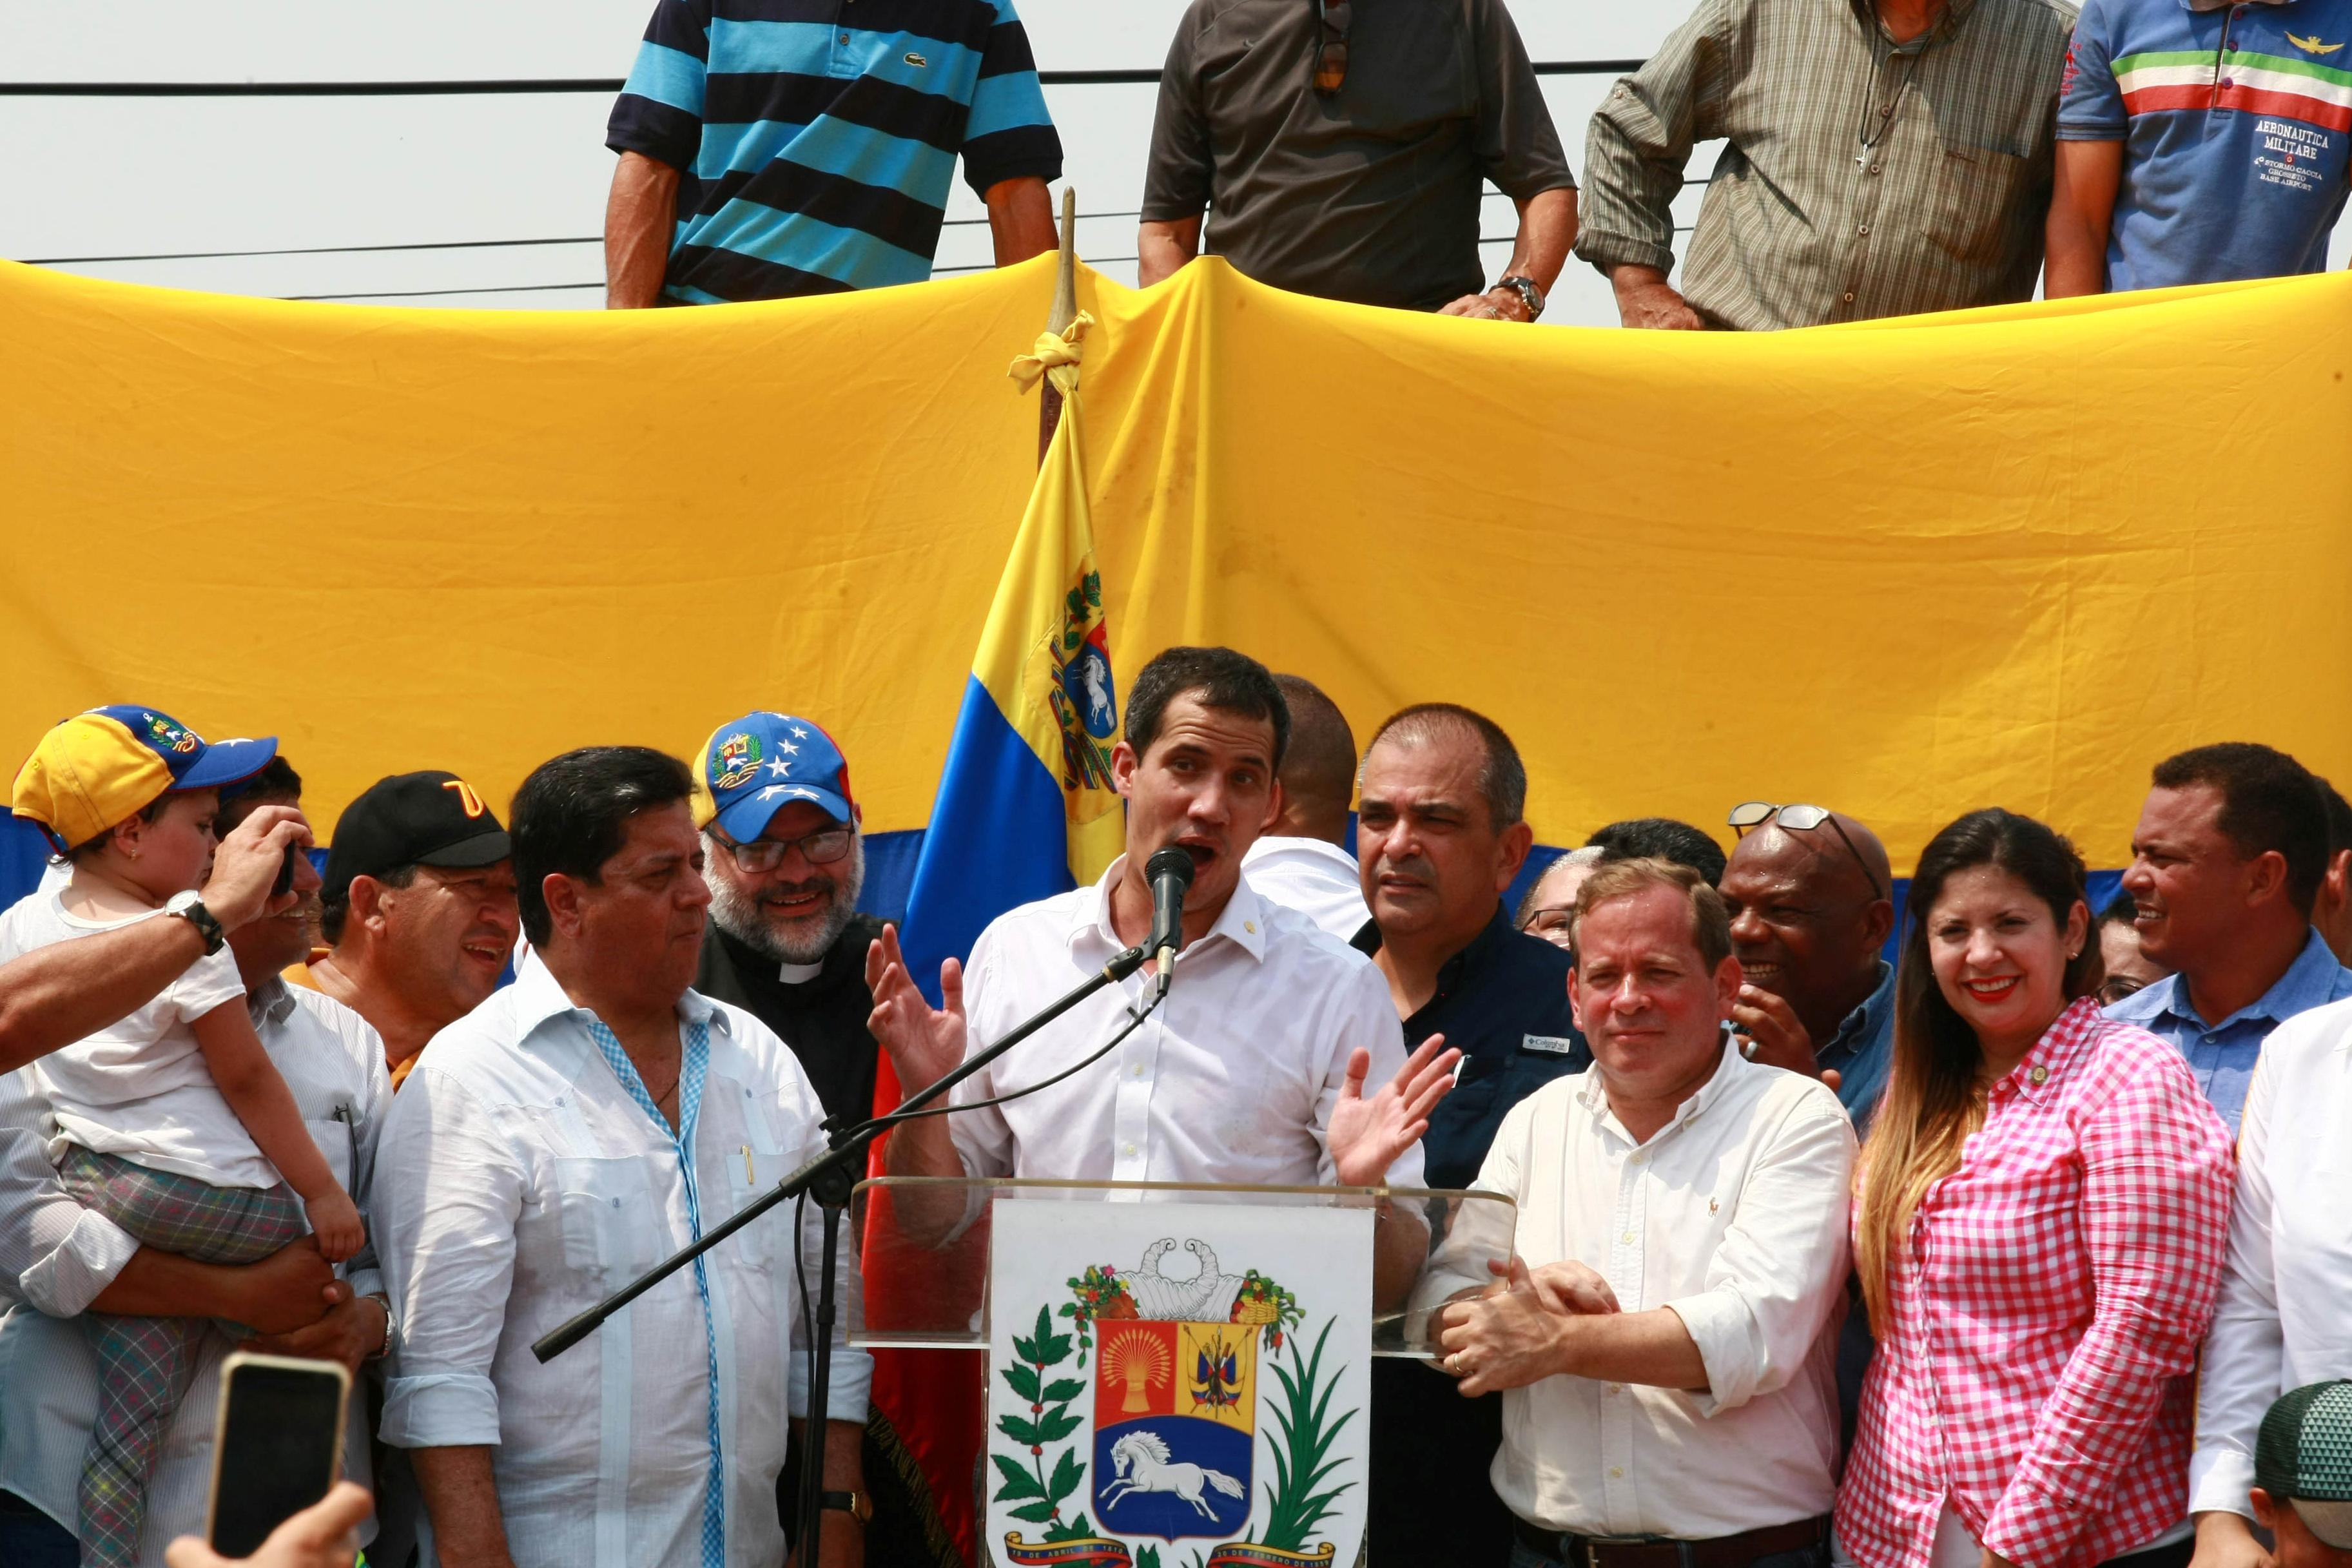 زعيم المعارضة الفنزويلية جوايدو يشارك في مظاهرة خلال زيارته لماراكايبو 24